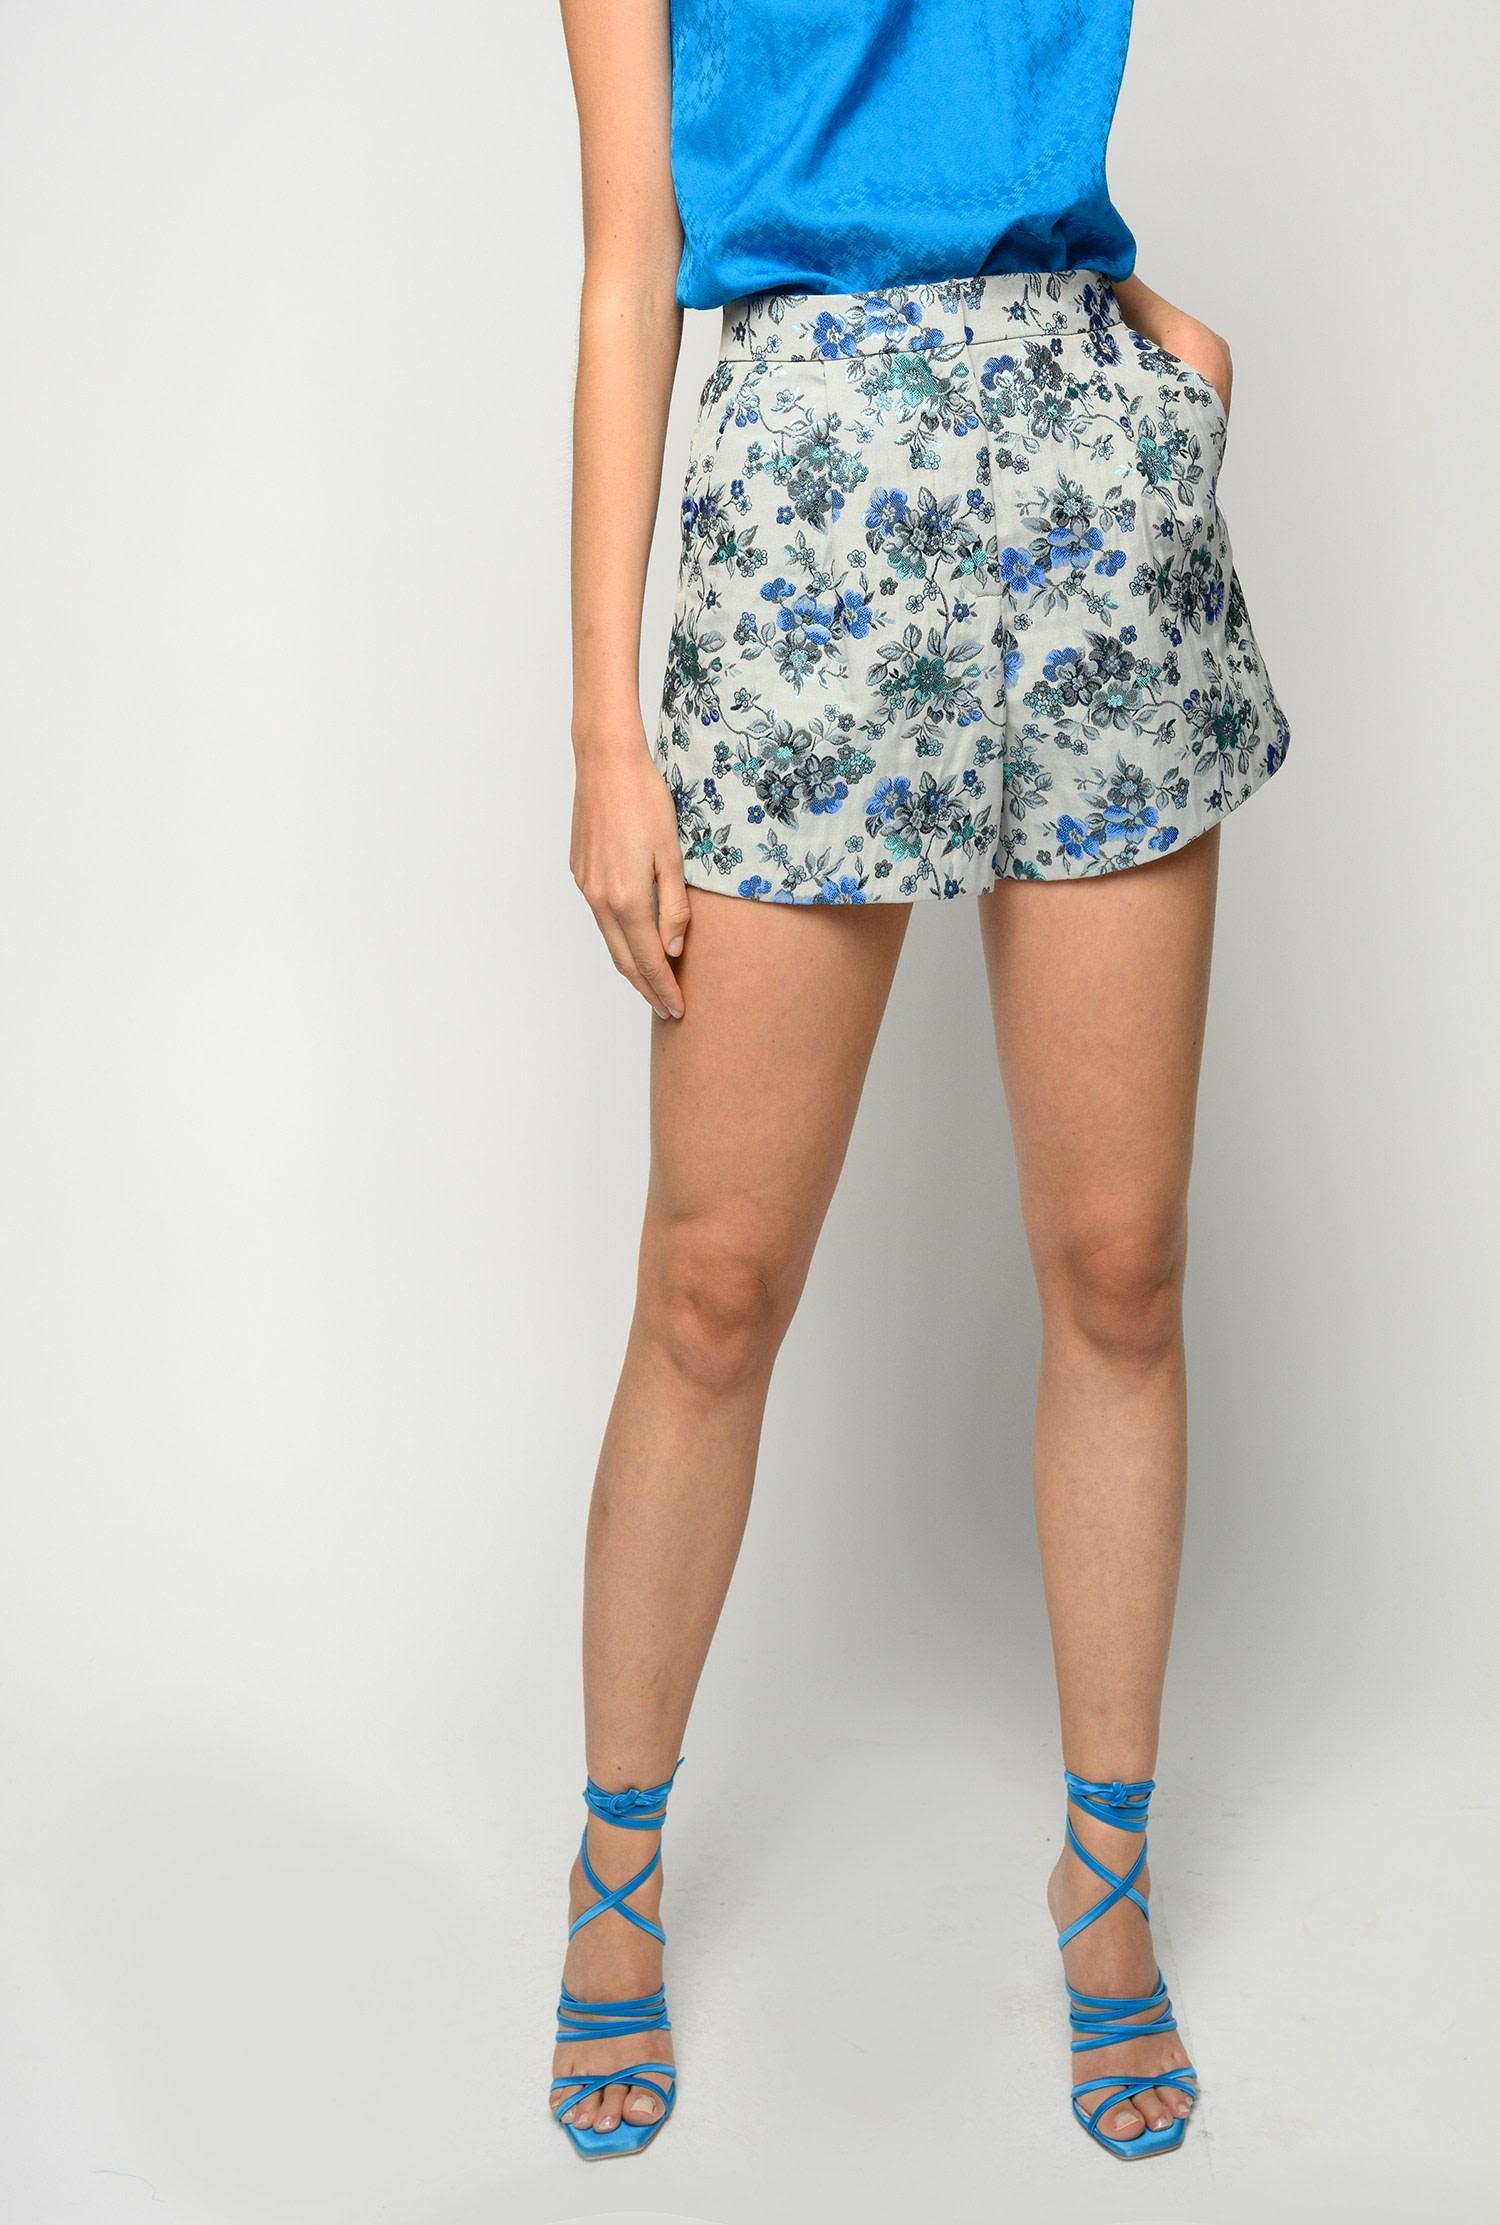 Shorts Puro in broccato floreale Pinko